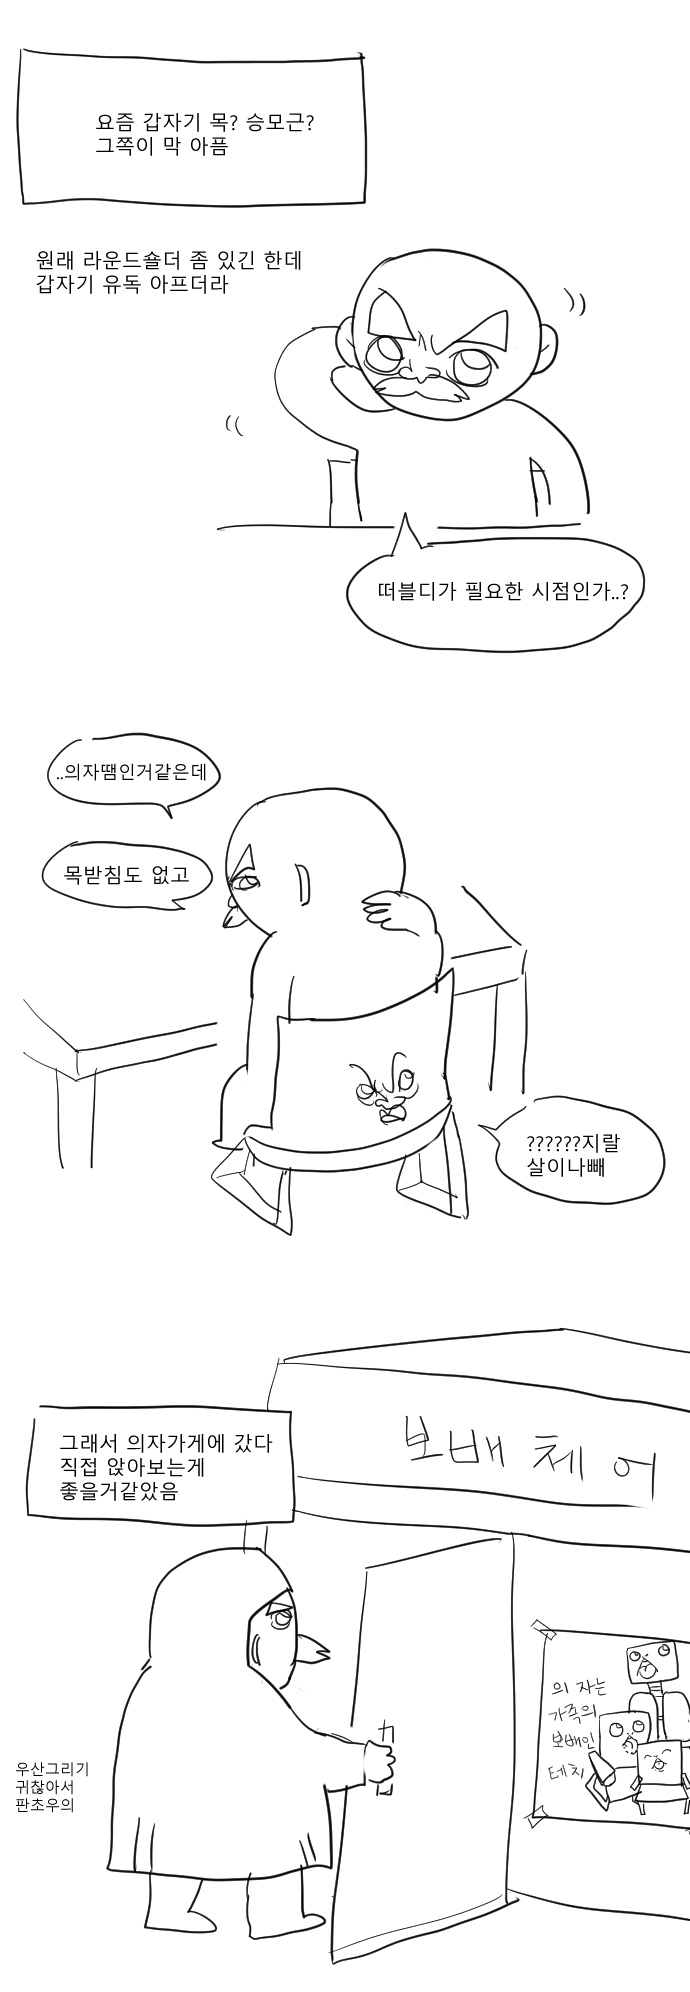 디씨인의 의자사러 가는 만화 - 꾸르